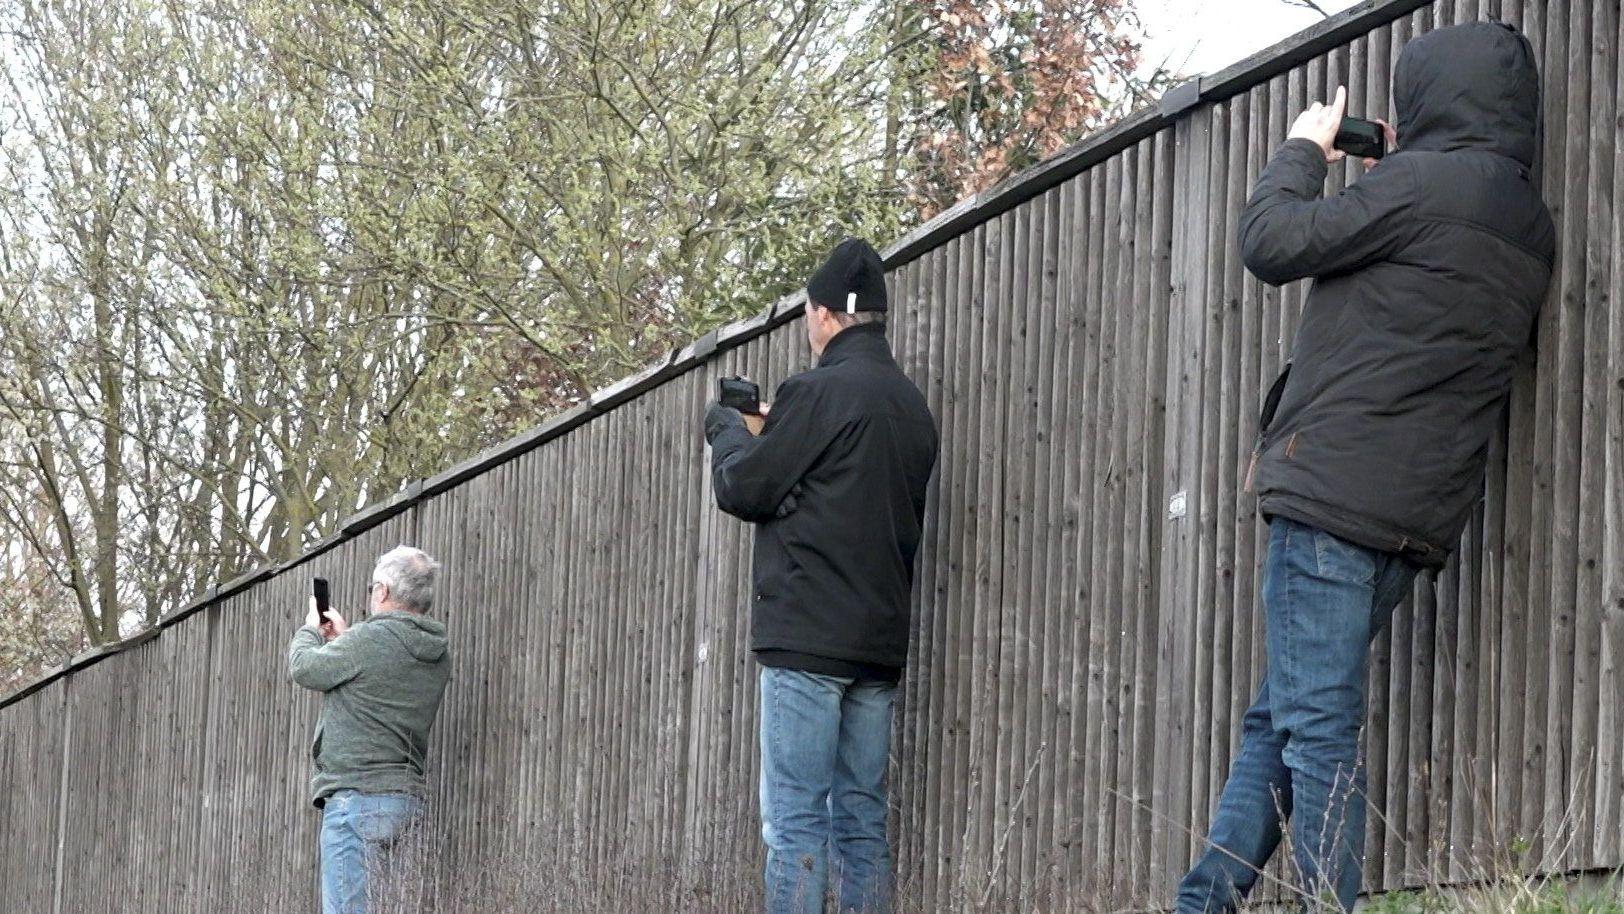 Archivbild fotografierende Schaulustige - Soll Gaffern das Handy weggenommen werden?